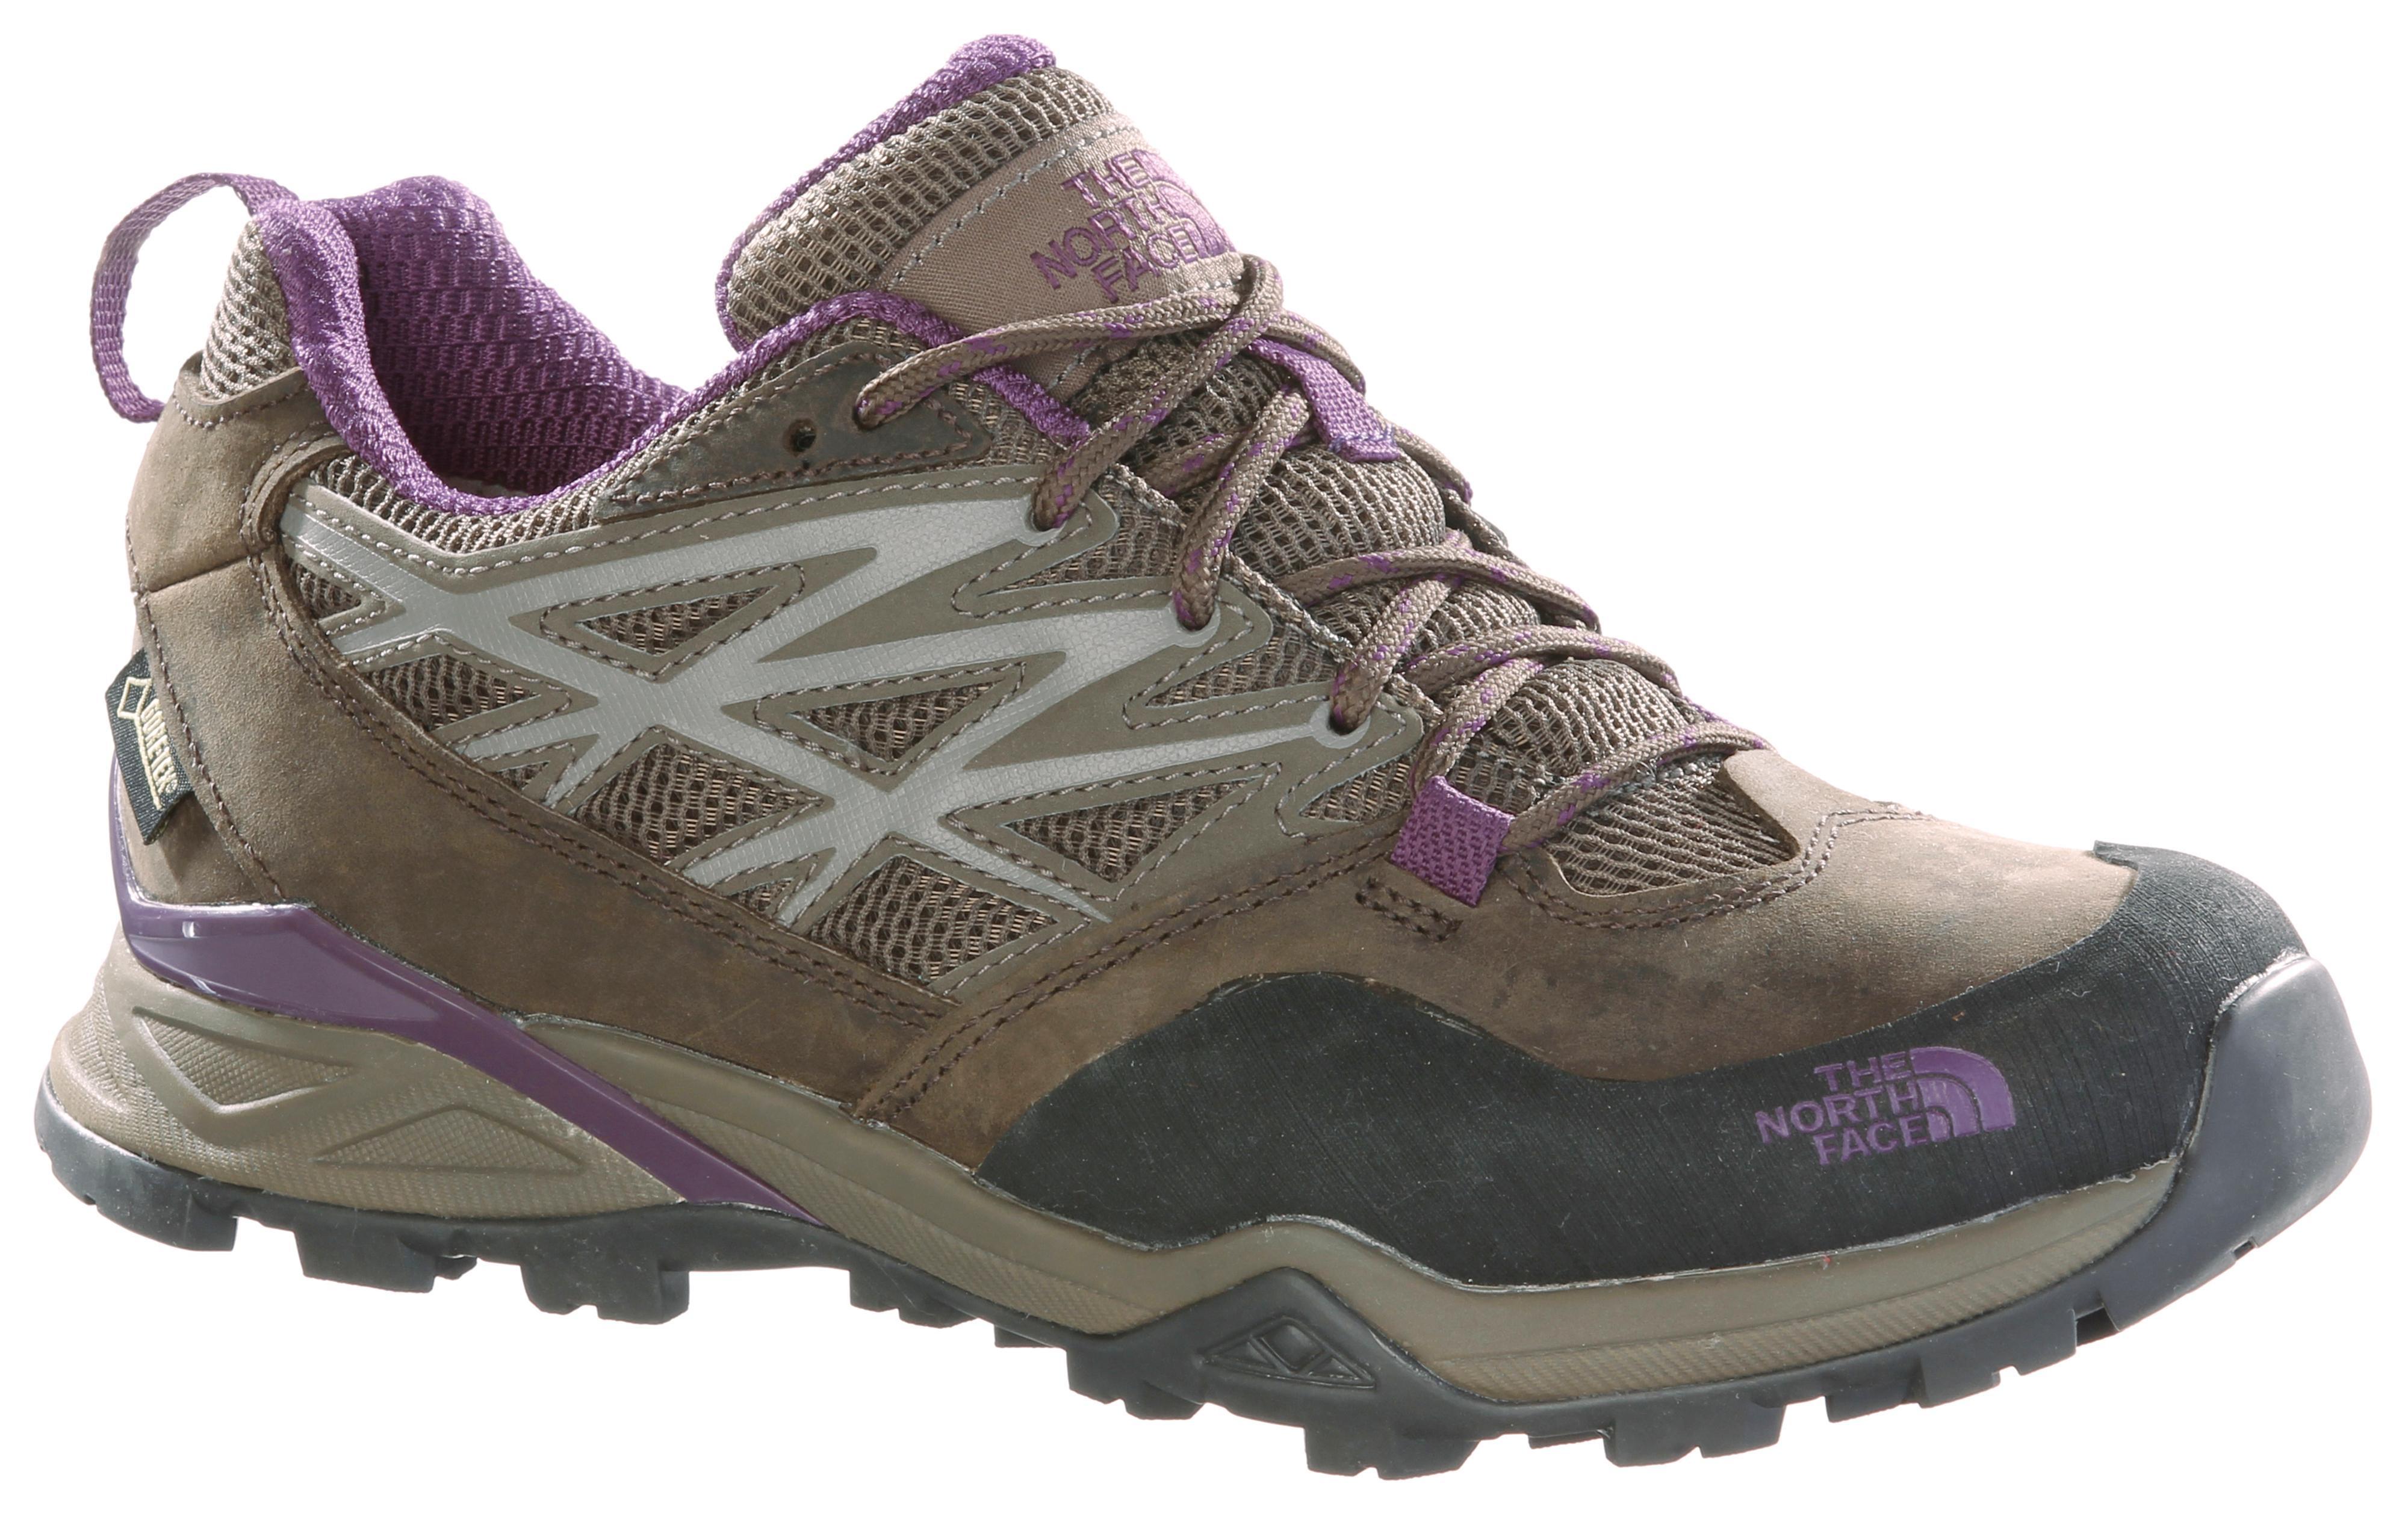 The North Face Hedgehog Hike GTX Woherren Wanderschuhe Damen braun lila im Online Shop von SportScheck kaufen Gute Qualität beliebte Schuhe